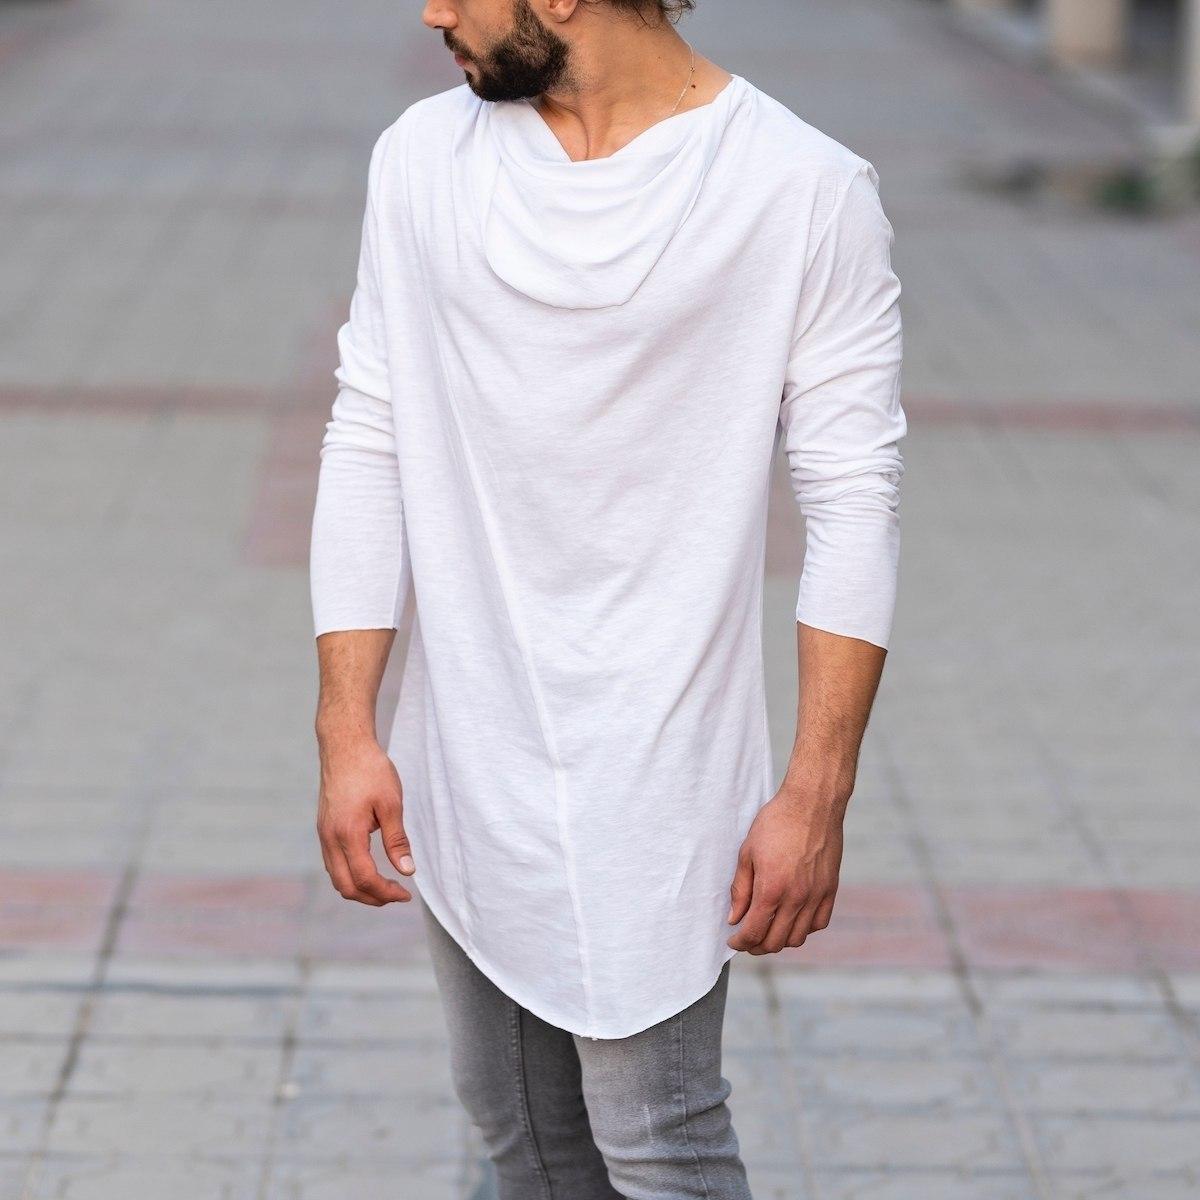 Scarf-Neck Sweatshirt In White Mv Premium Brand - 3